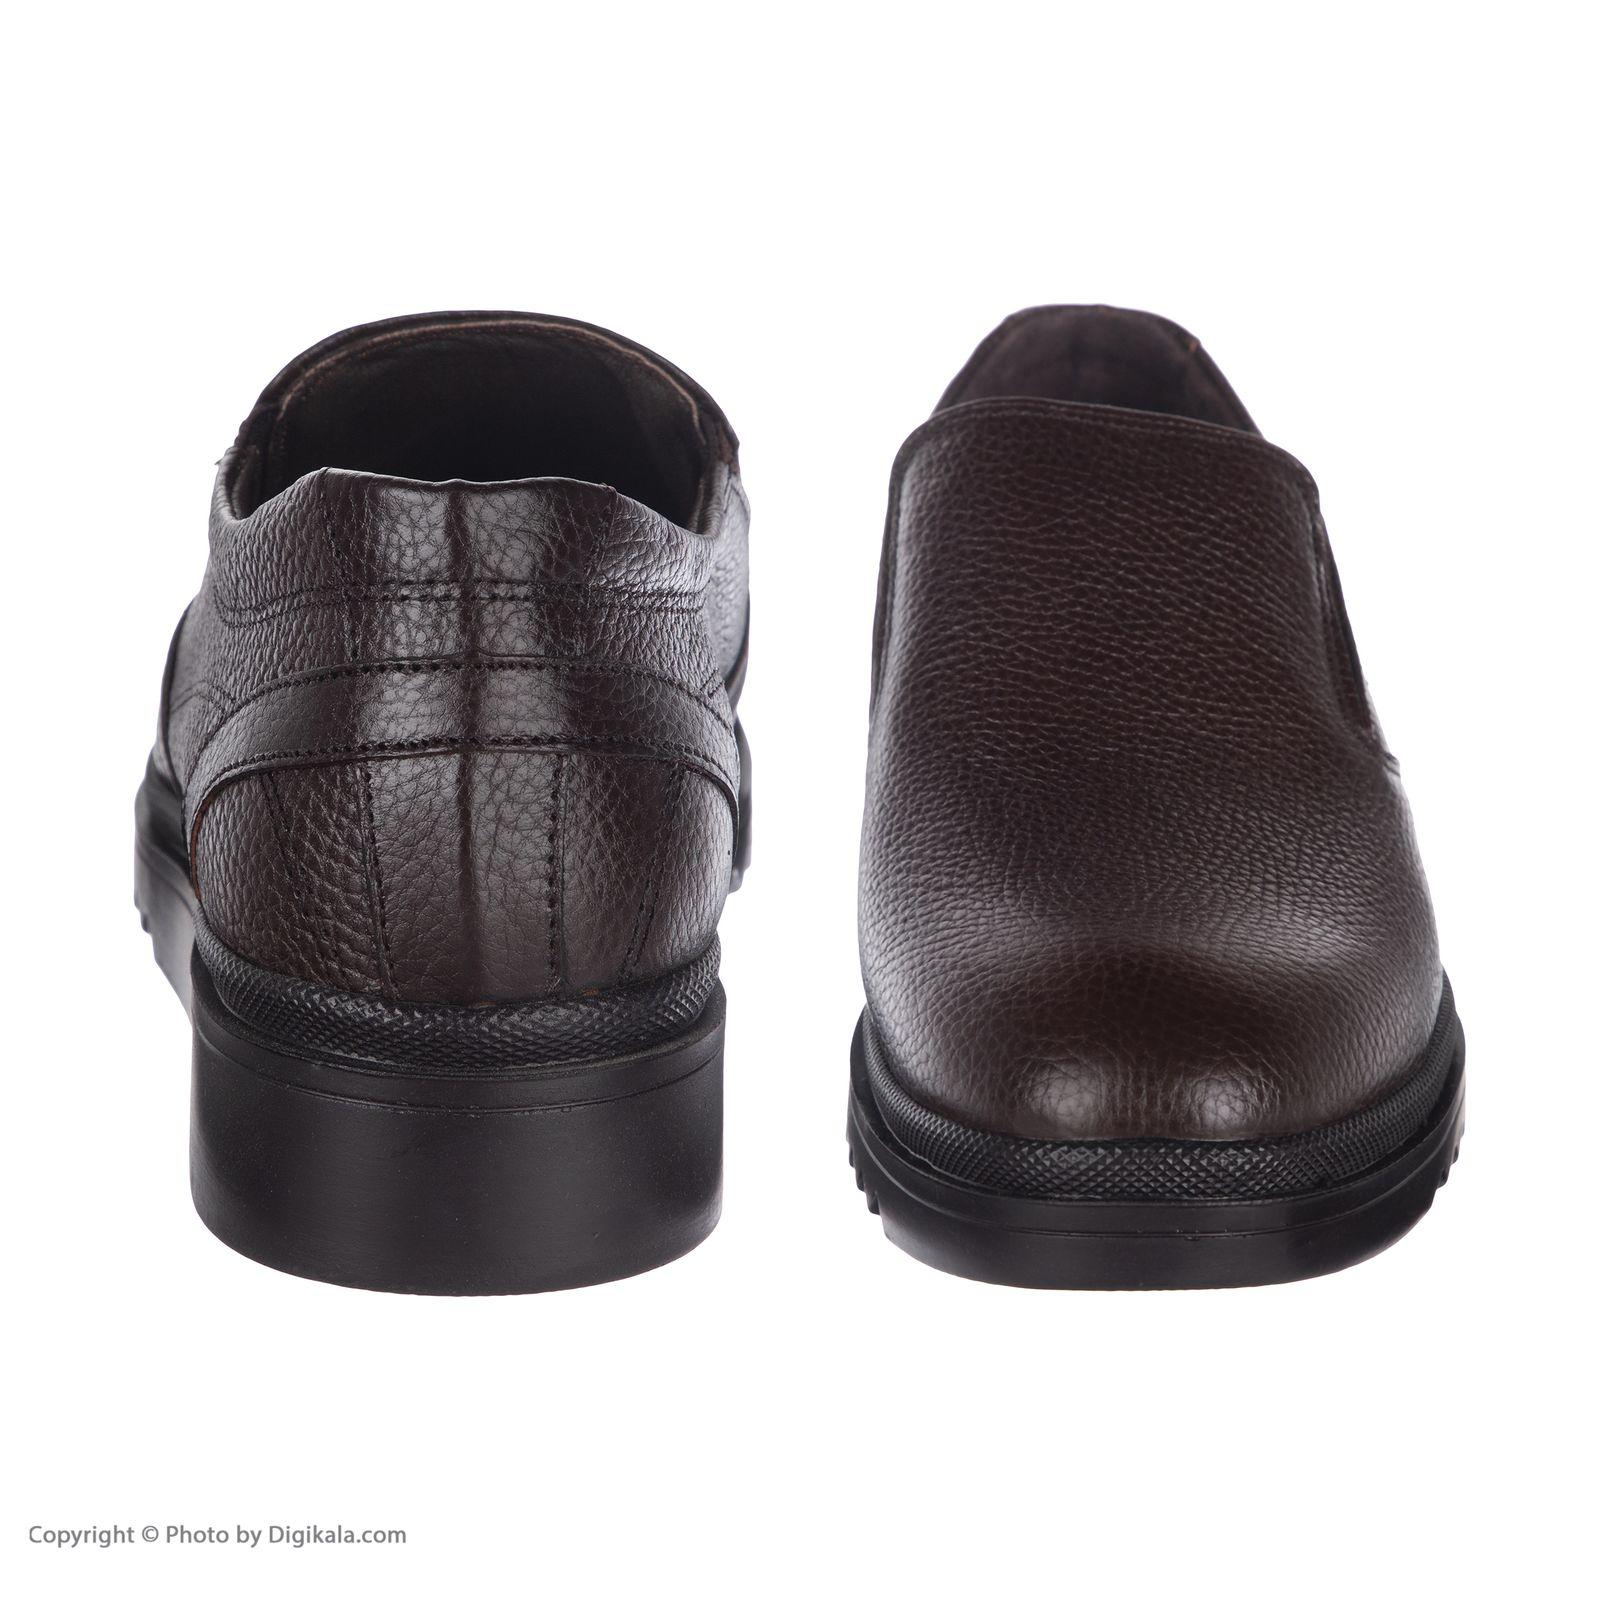 کفش روزمره مردانه دانادل مدل 8606A503101 -  - 4